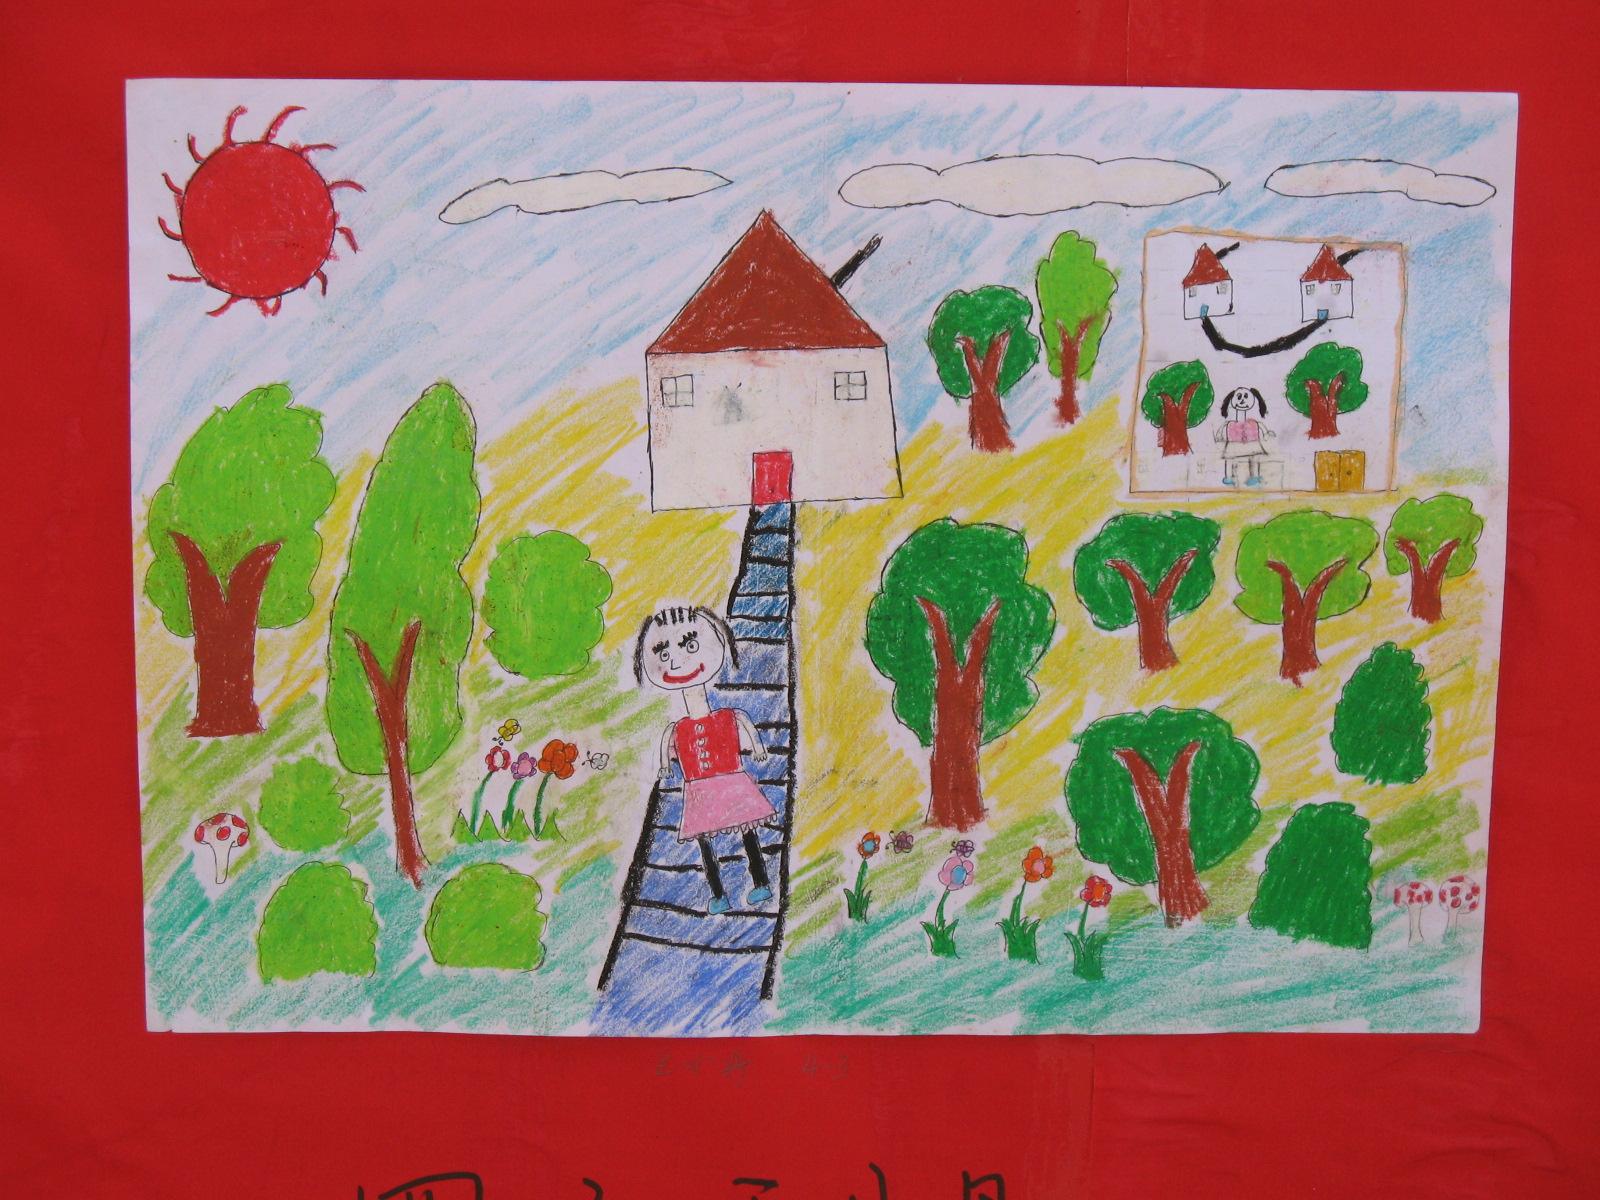 博湖县第二小学5年级1班奎斯乐的绘画作品《美丽的家园》